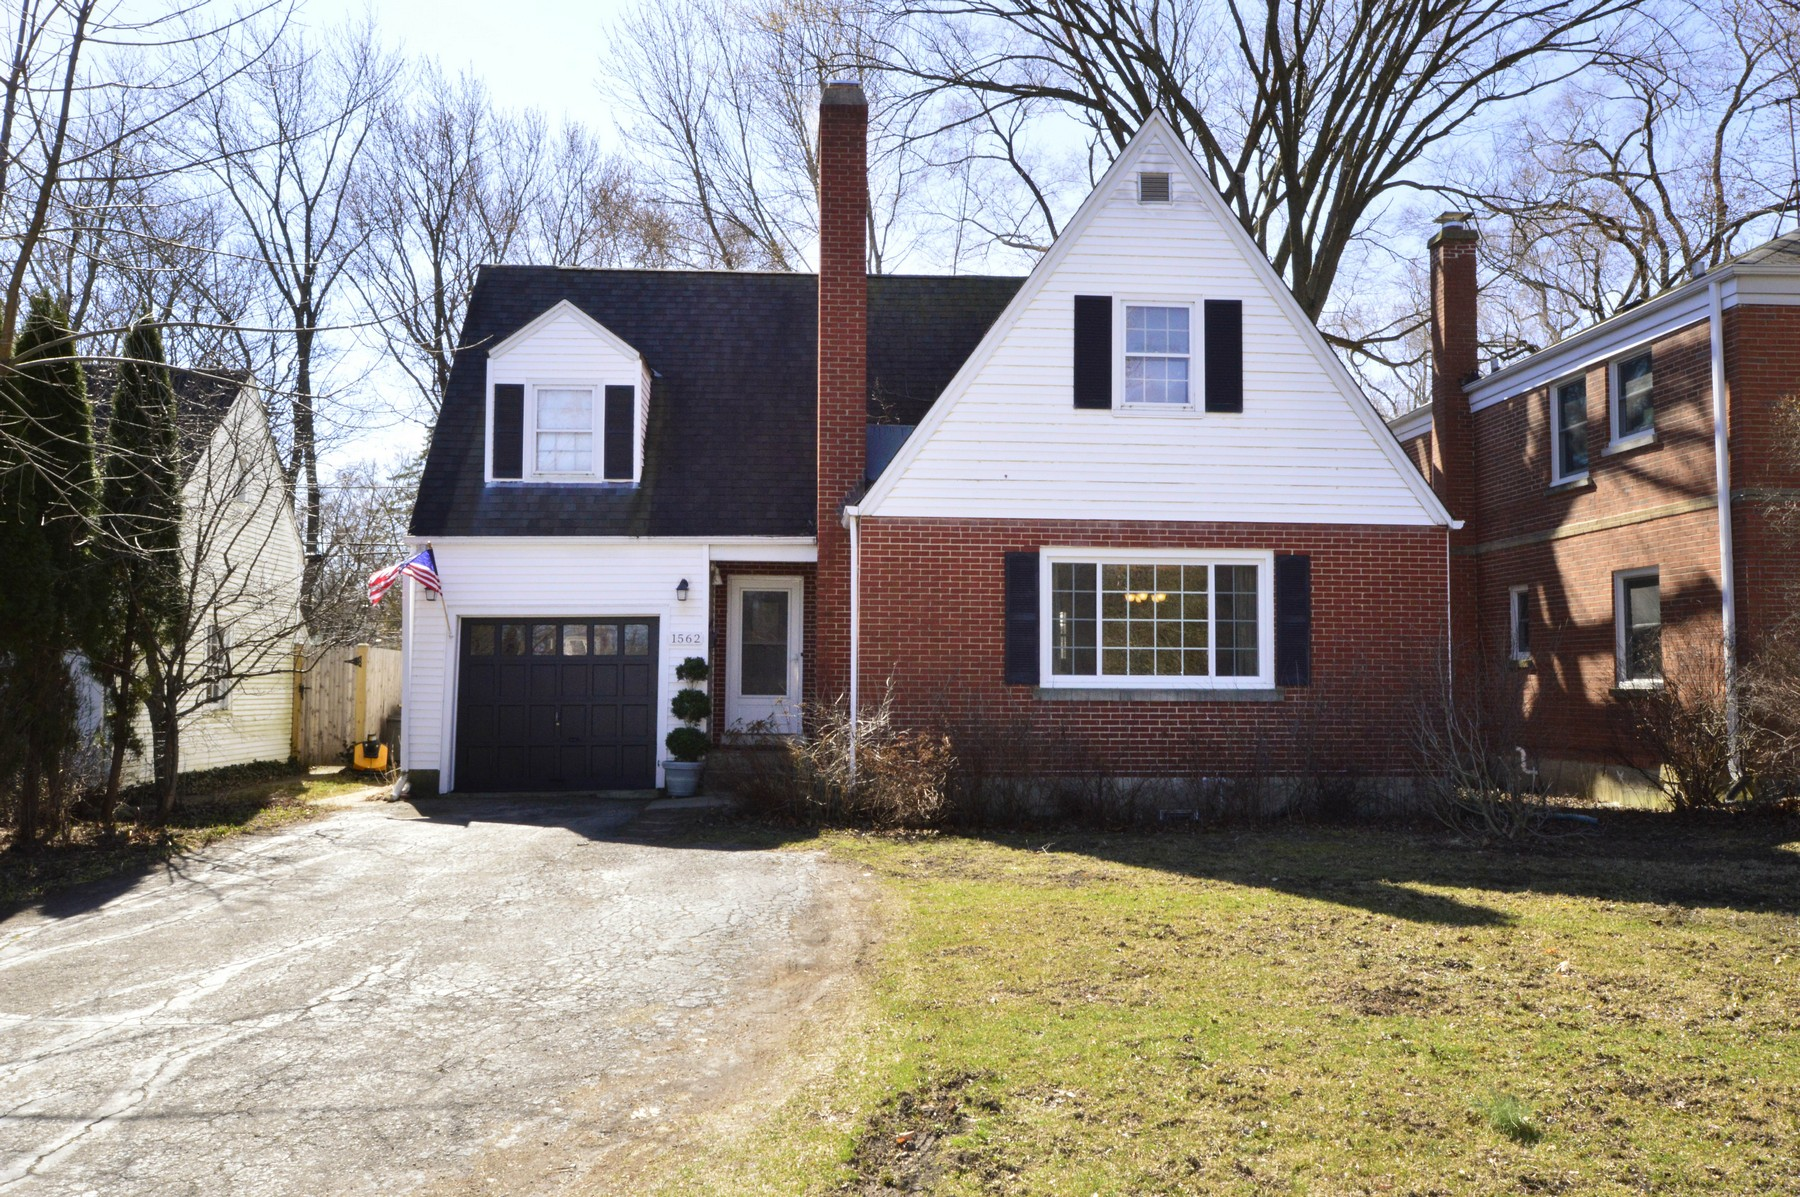 Tek Ailelik Ev için Satış at Modern Amenities Meet Old School Charm 1562 Willow Road Winnetka, Illinois, 60093 Amerika Birleşik Devletleri